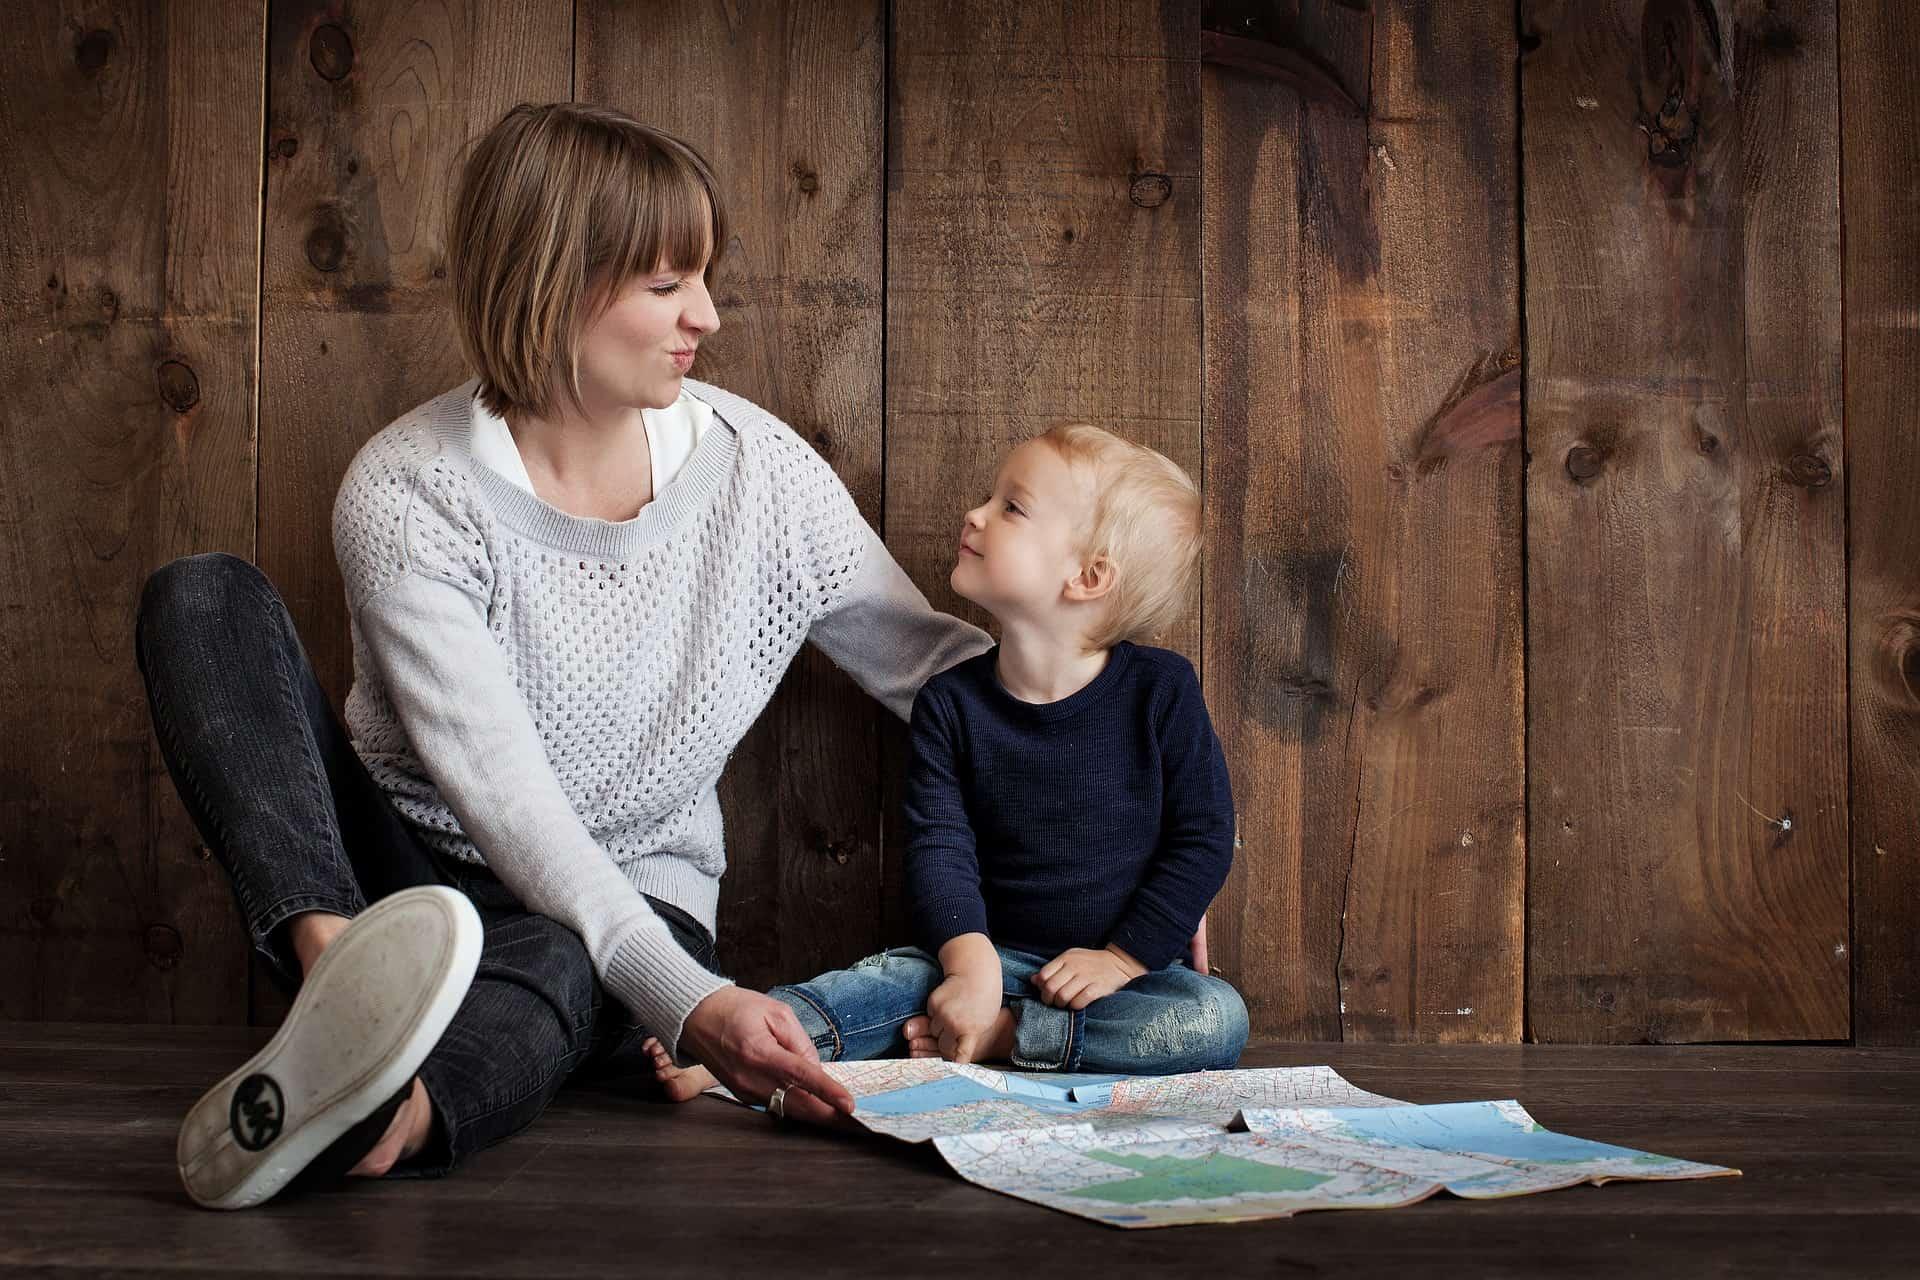 A függetlenségre való törekvés nagyon fontos a kisgyermekek fejlődése során. Még ha ez olykor konfliktussal is jár, fontos, hogy a szülő hagyja, hogy gyermeke tapasztaljon.